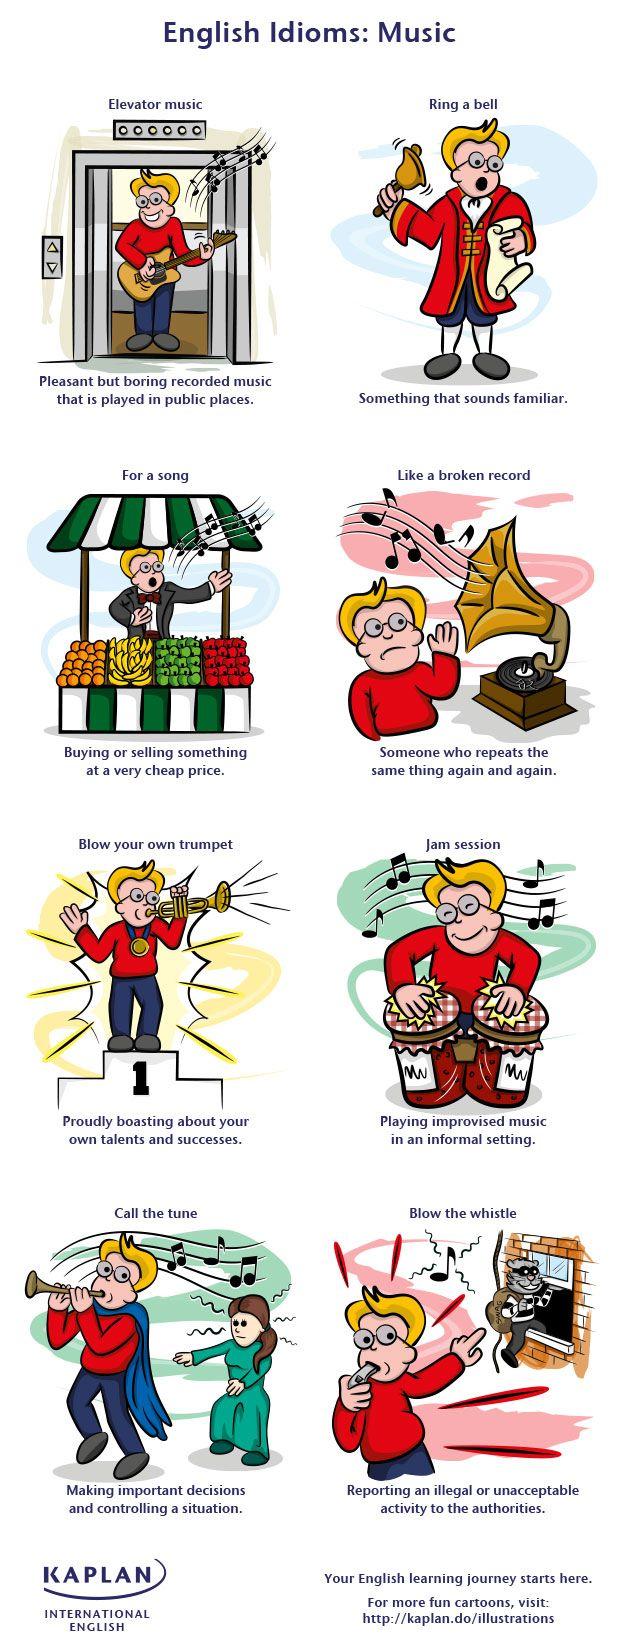 #music #idioms